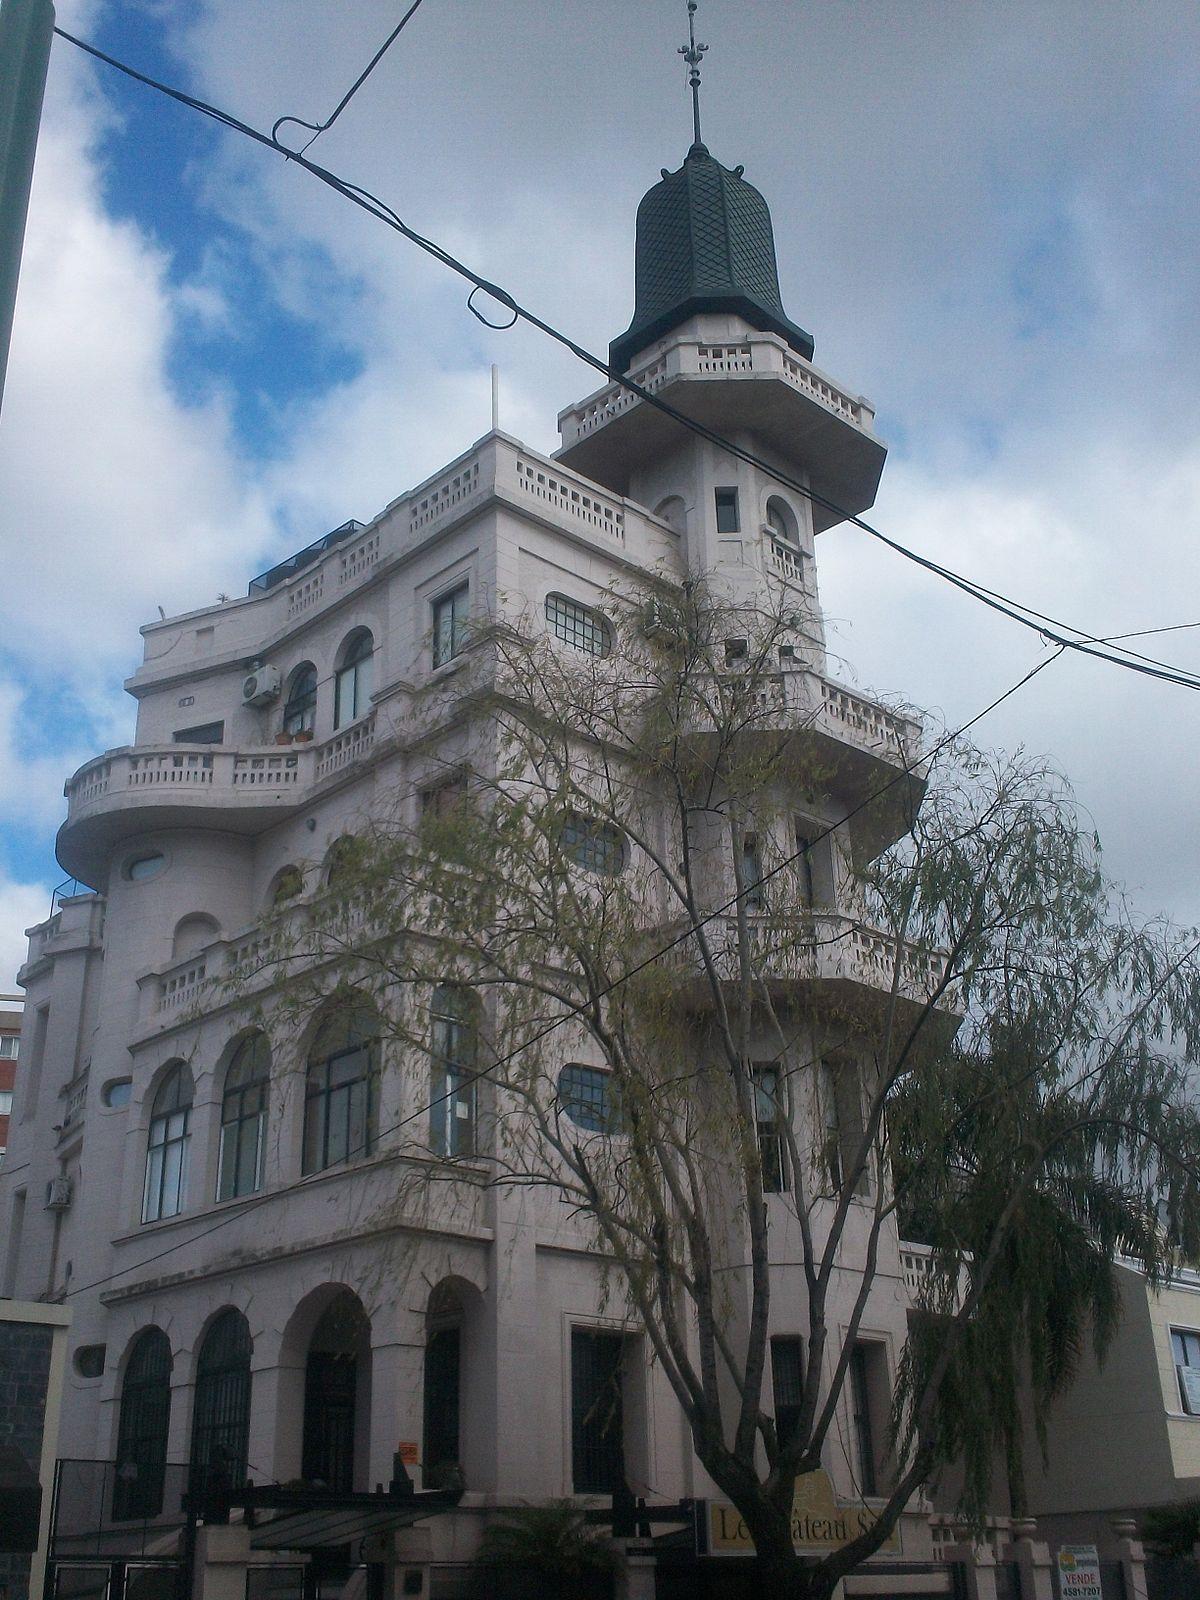 Palacio de los bichos wikipedia la enciclopedia libre - La casa del parque ...